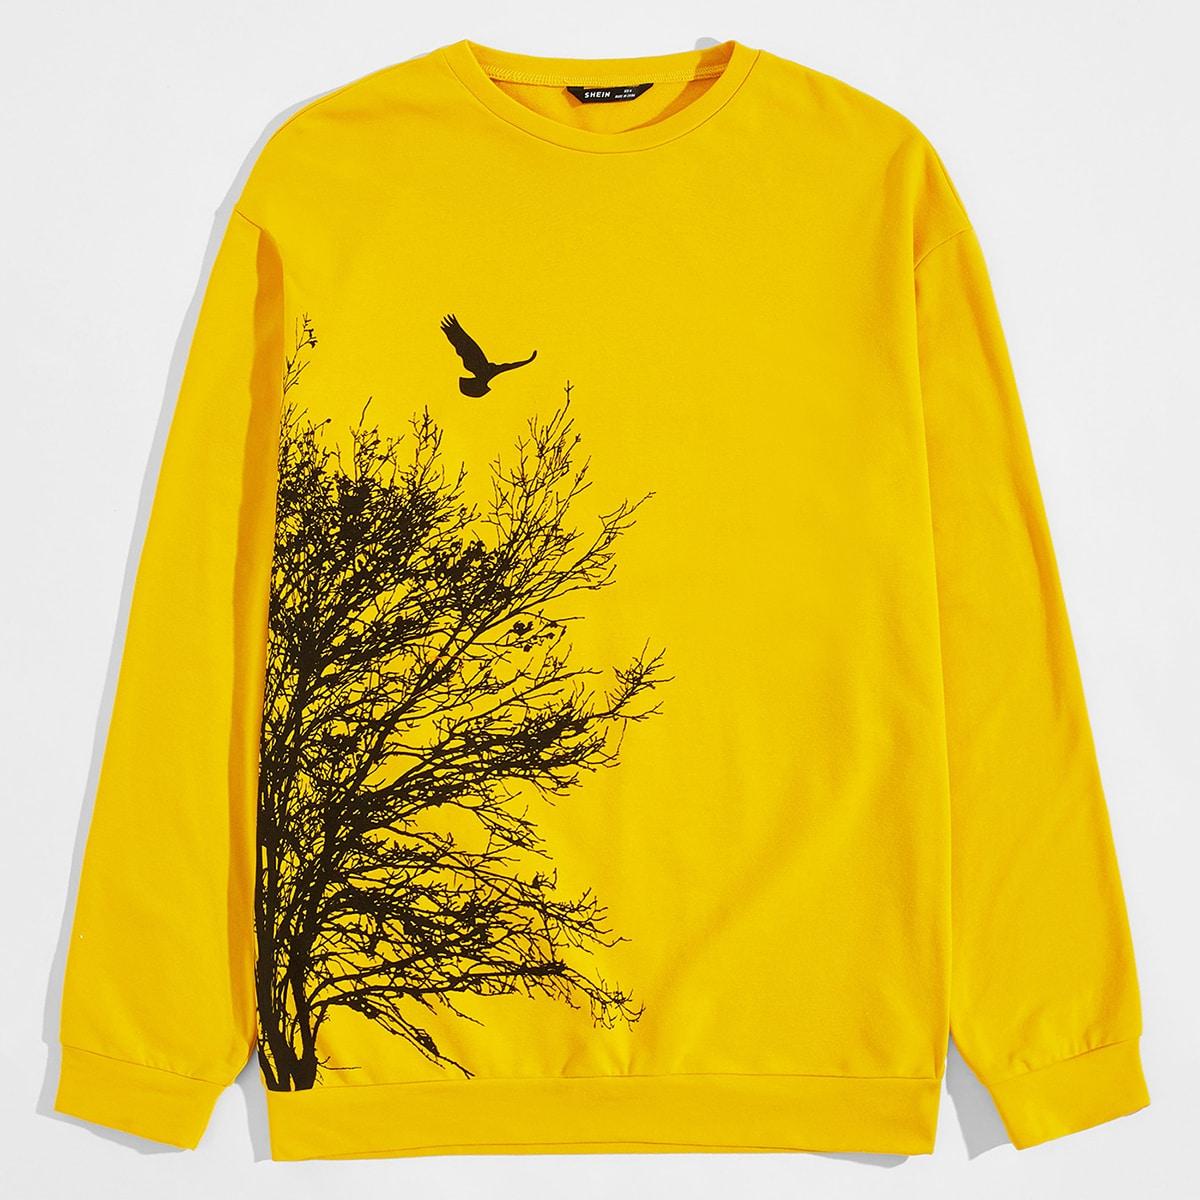 Мужской пуловер с принтом птицы и дерева от SHEIN